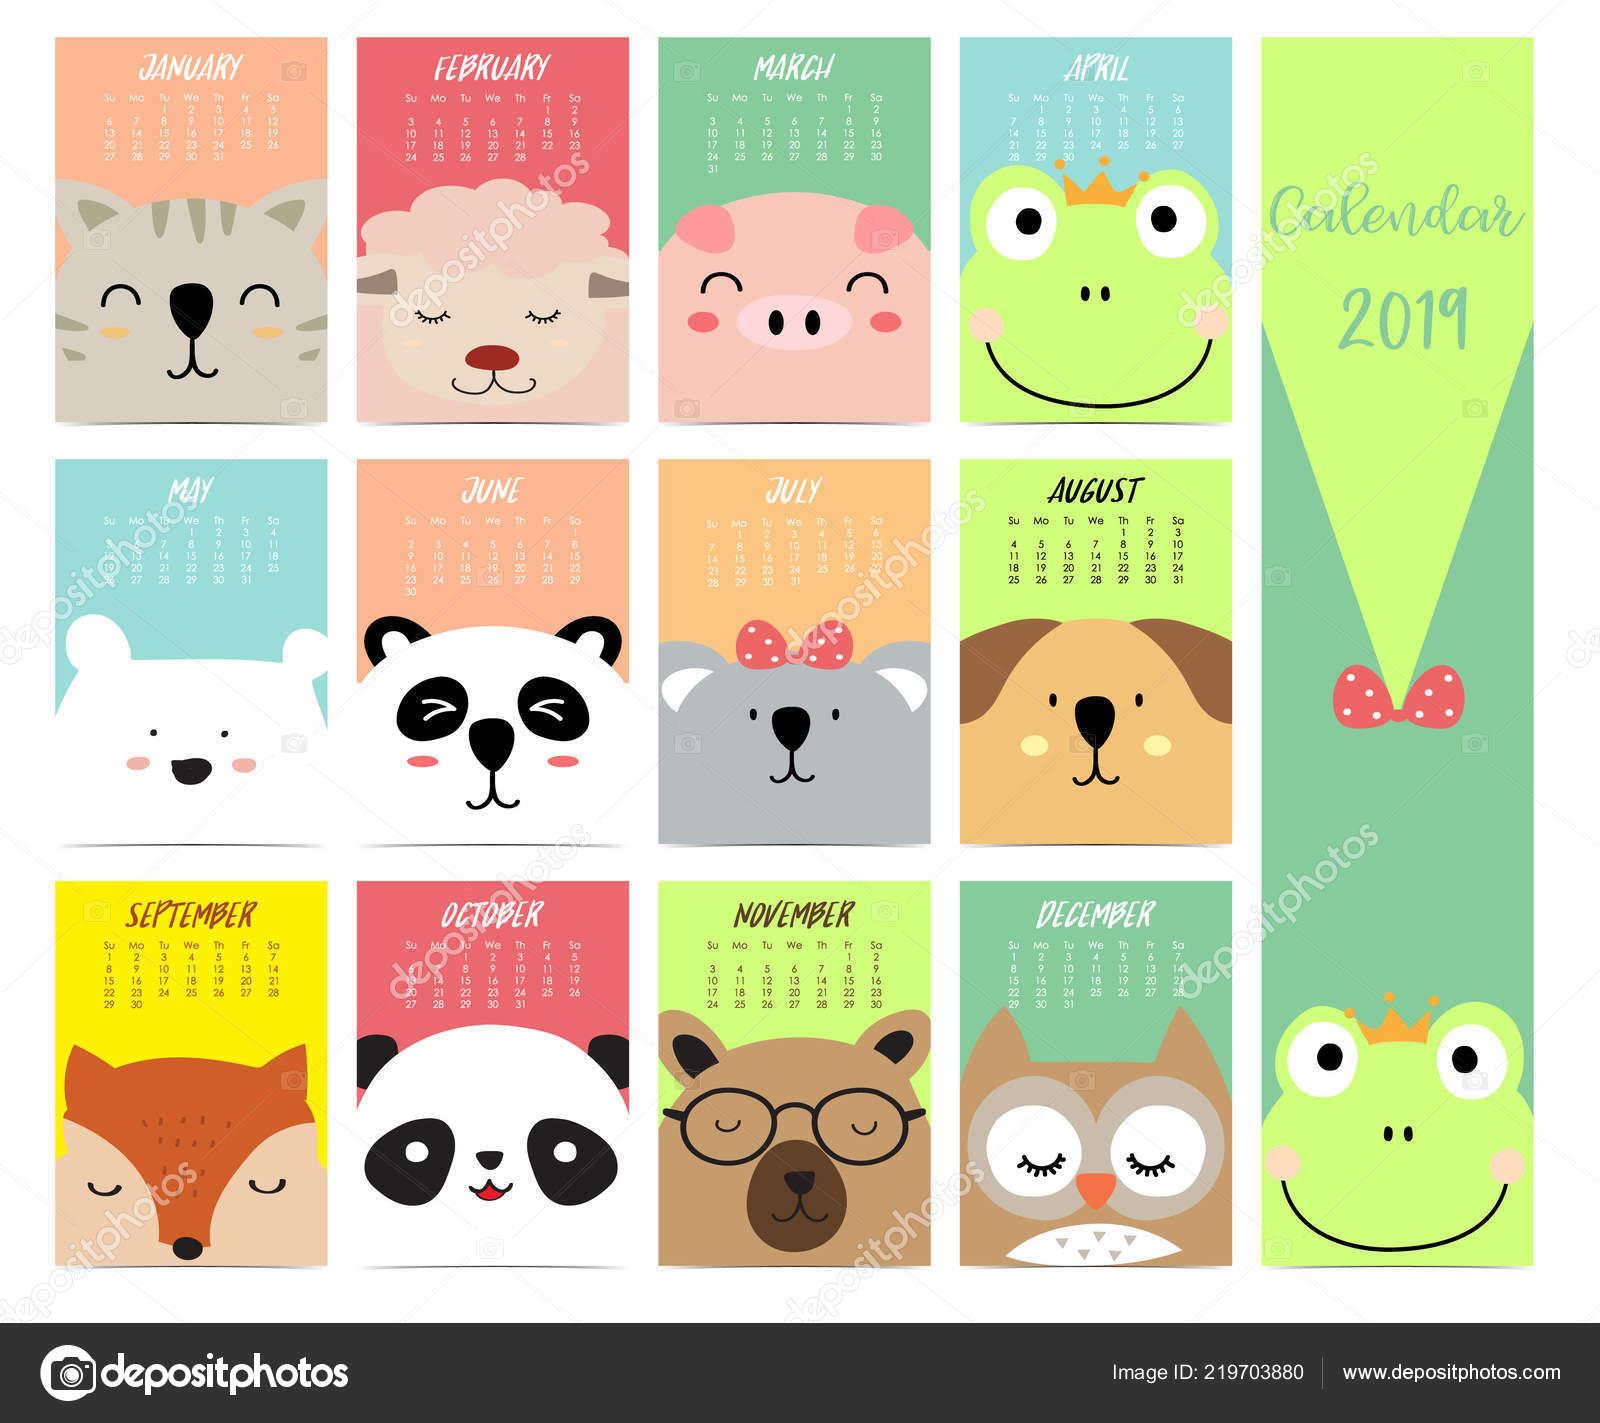 Cute Monthly Calendar 2019 Cat Sheep Pig Fox Bear Panda Stock